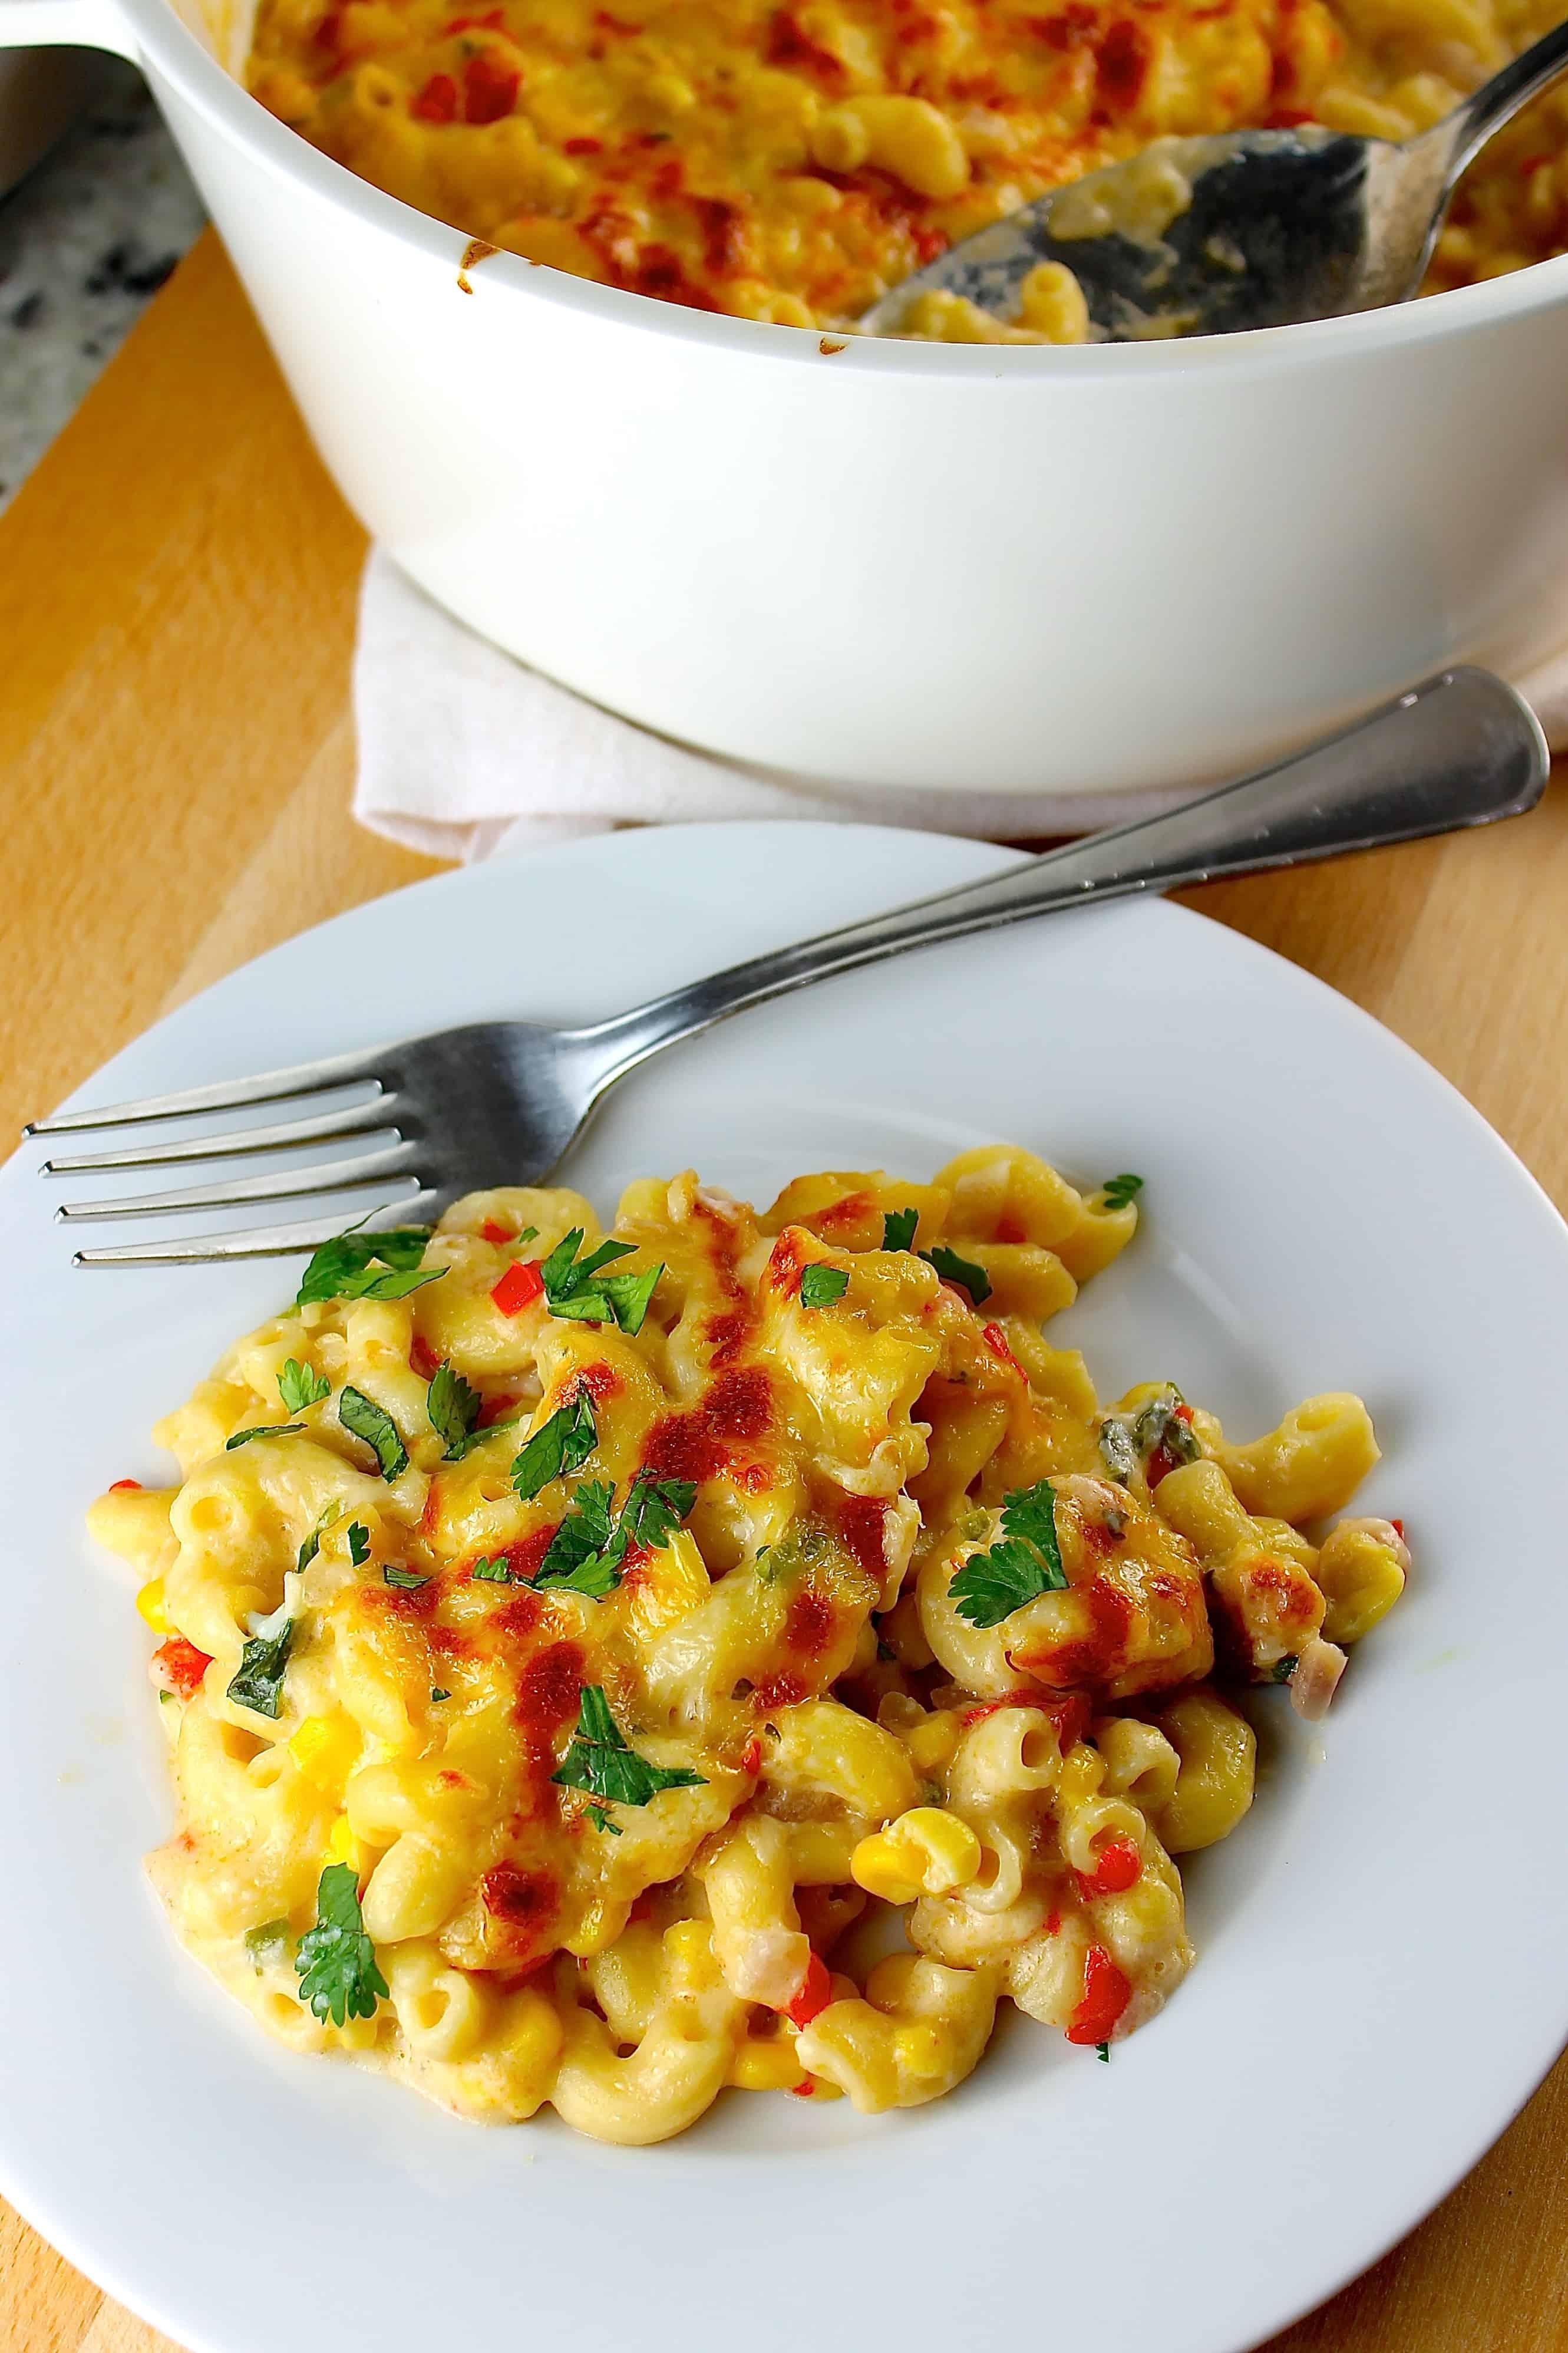 Esta receta de macarrones con queso y vegetales es simplemente deliciosa y muy fácil de preparar. Ideal cuando quieres que tu familia coma más verduras.